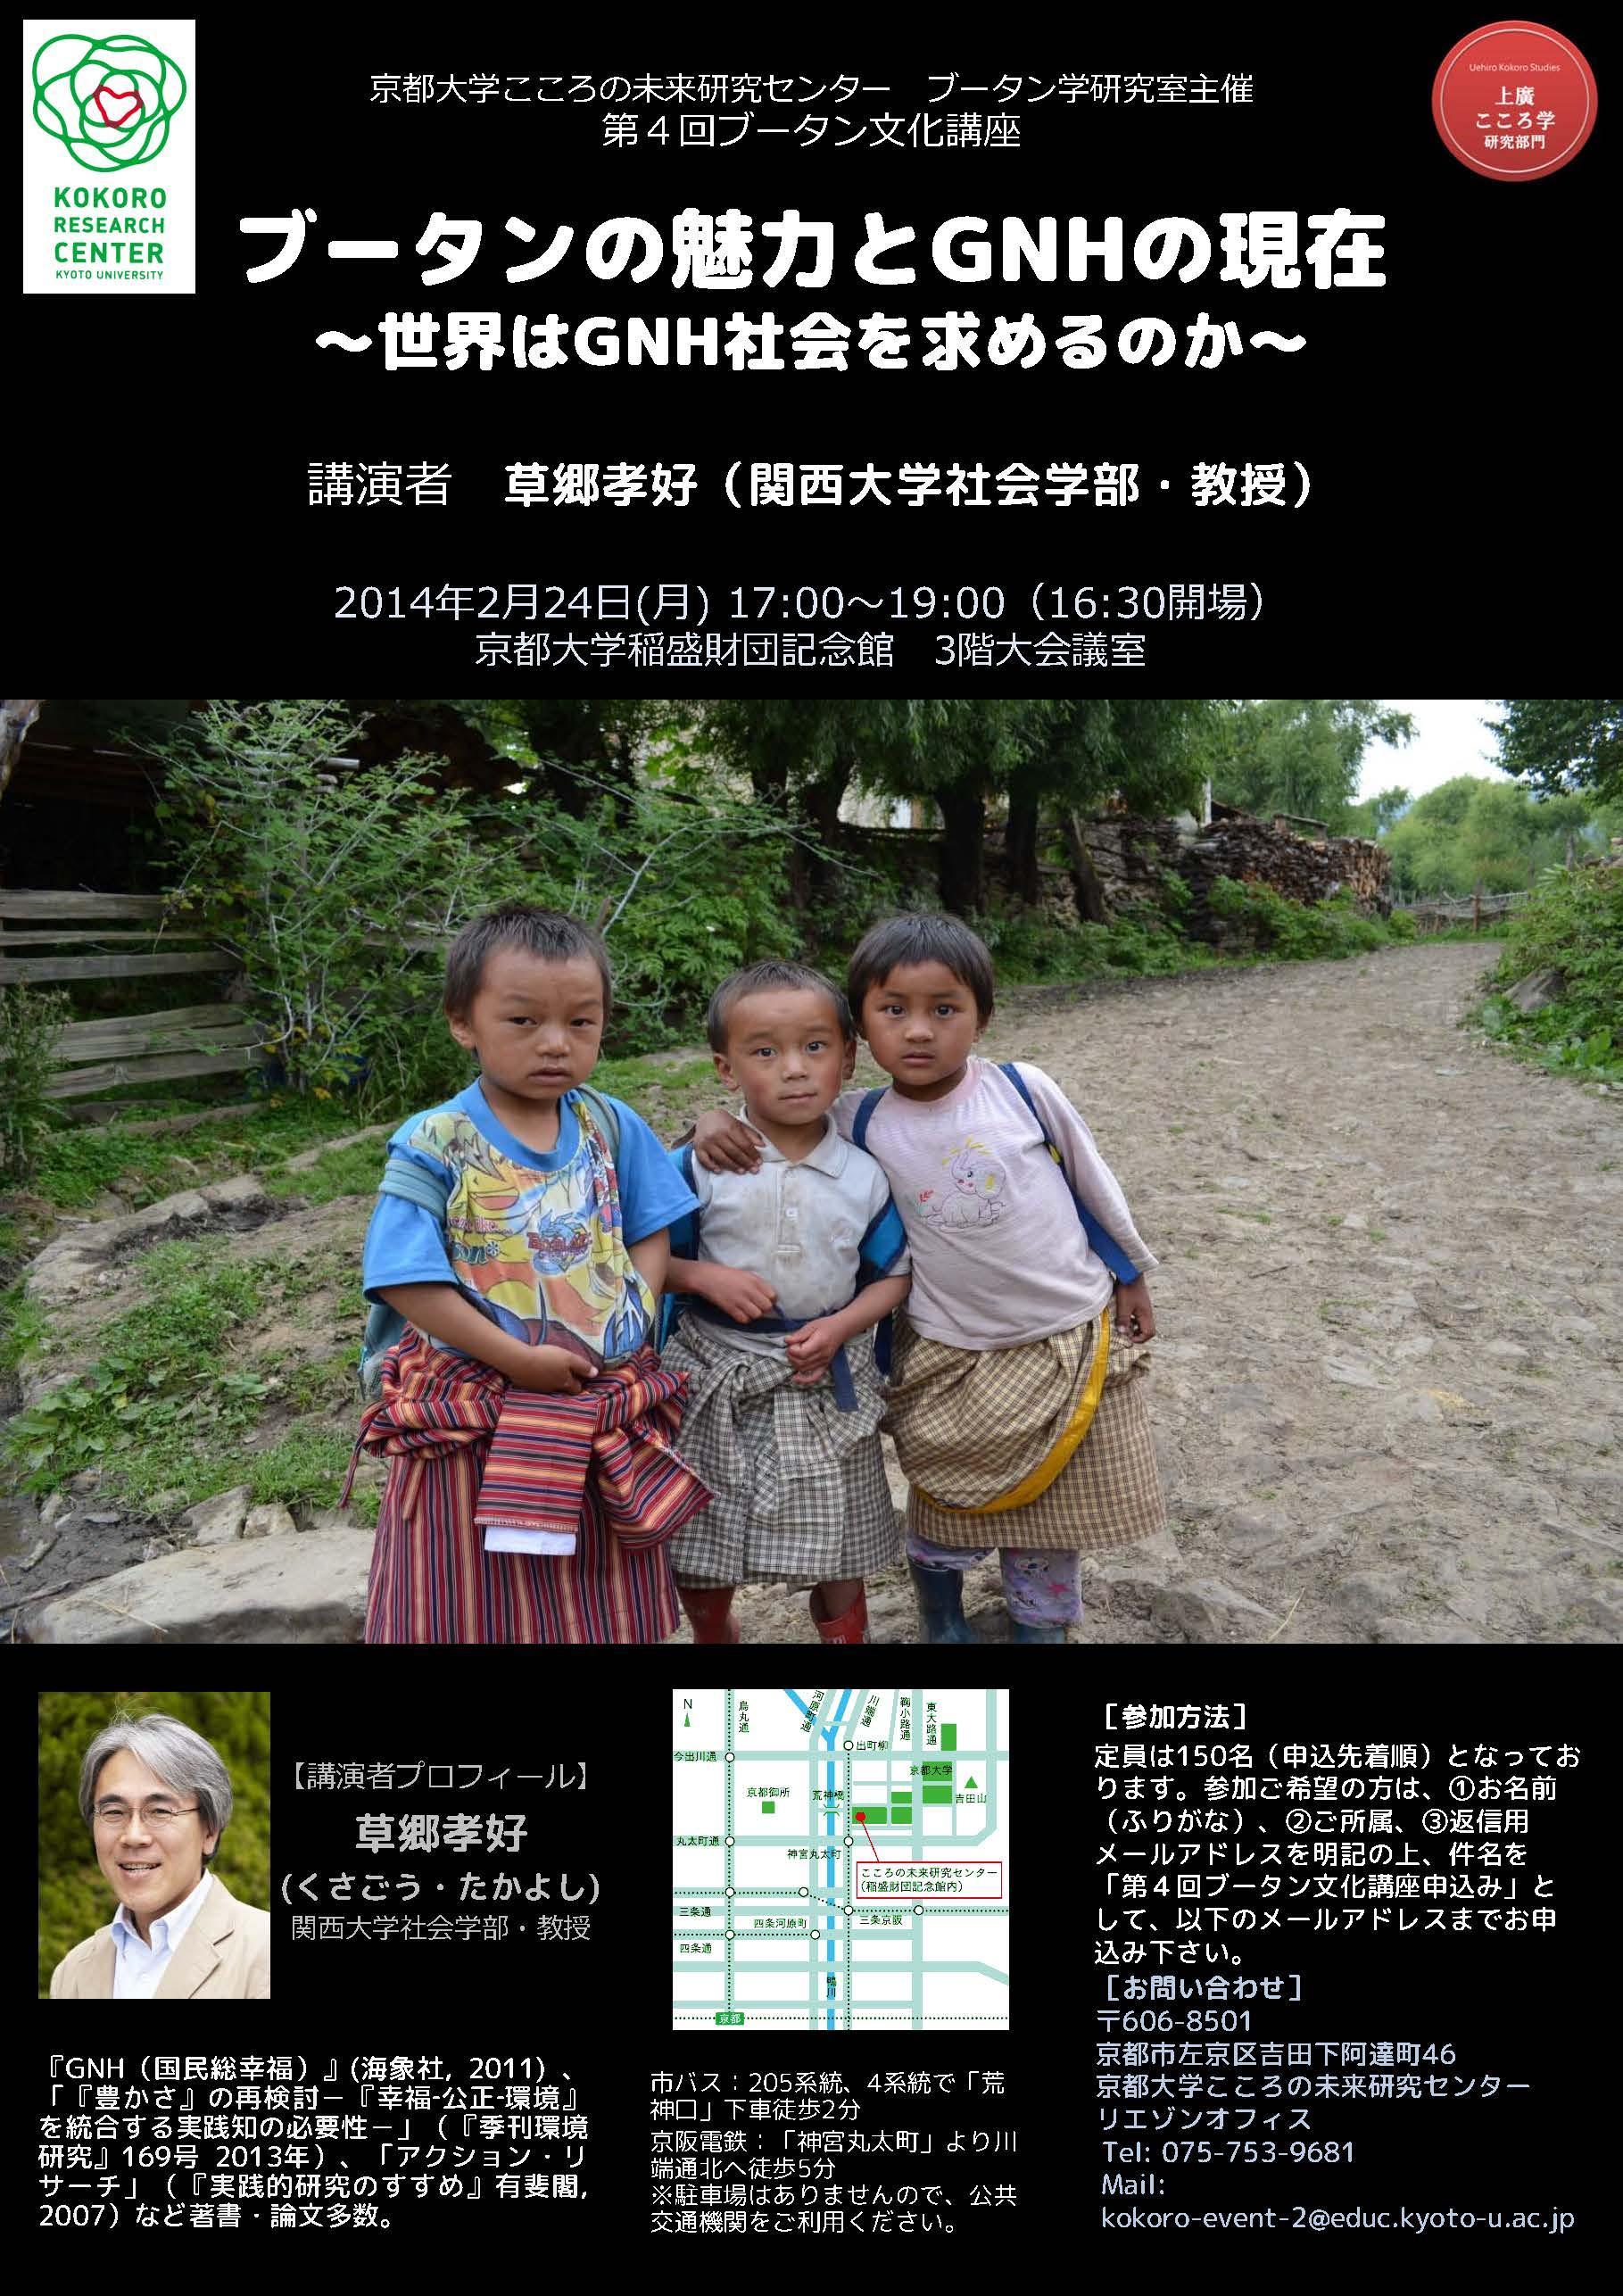 第4回ブータン文化講座 ブータンの魅力とGNHの現在 ~世界はGNH社会を求めるのか~